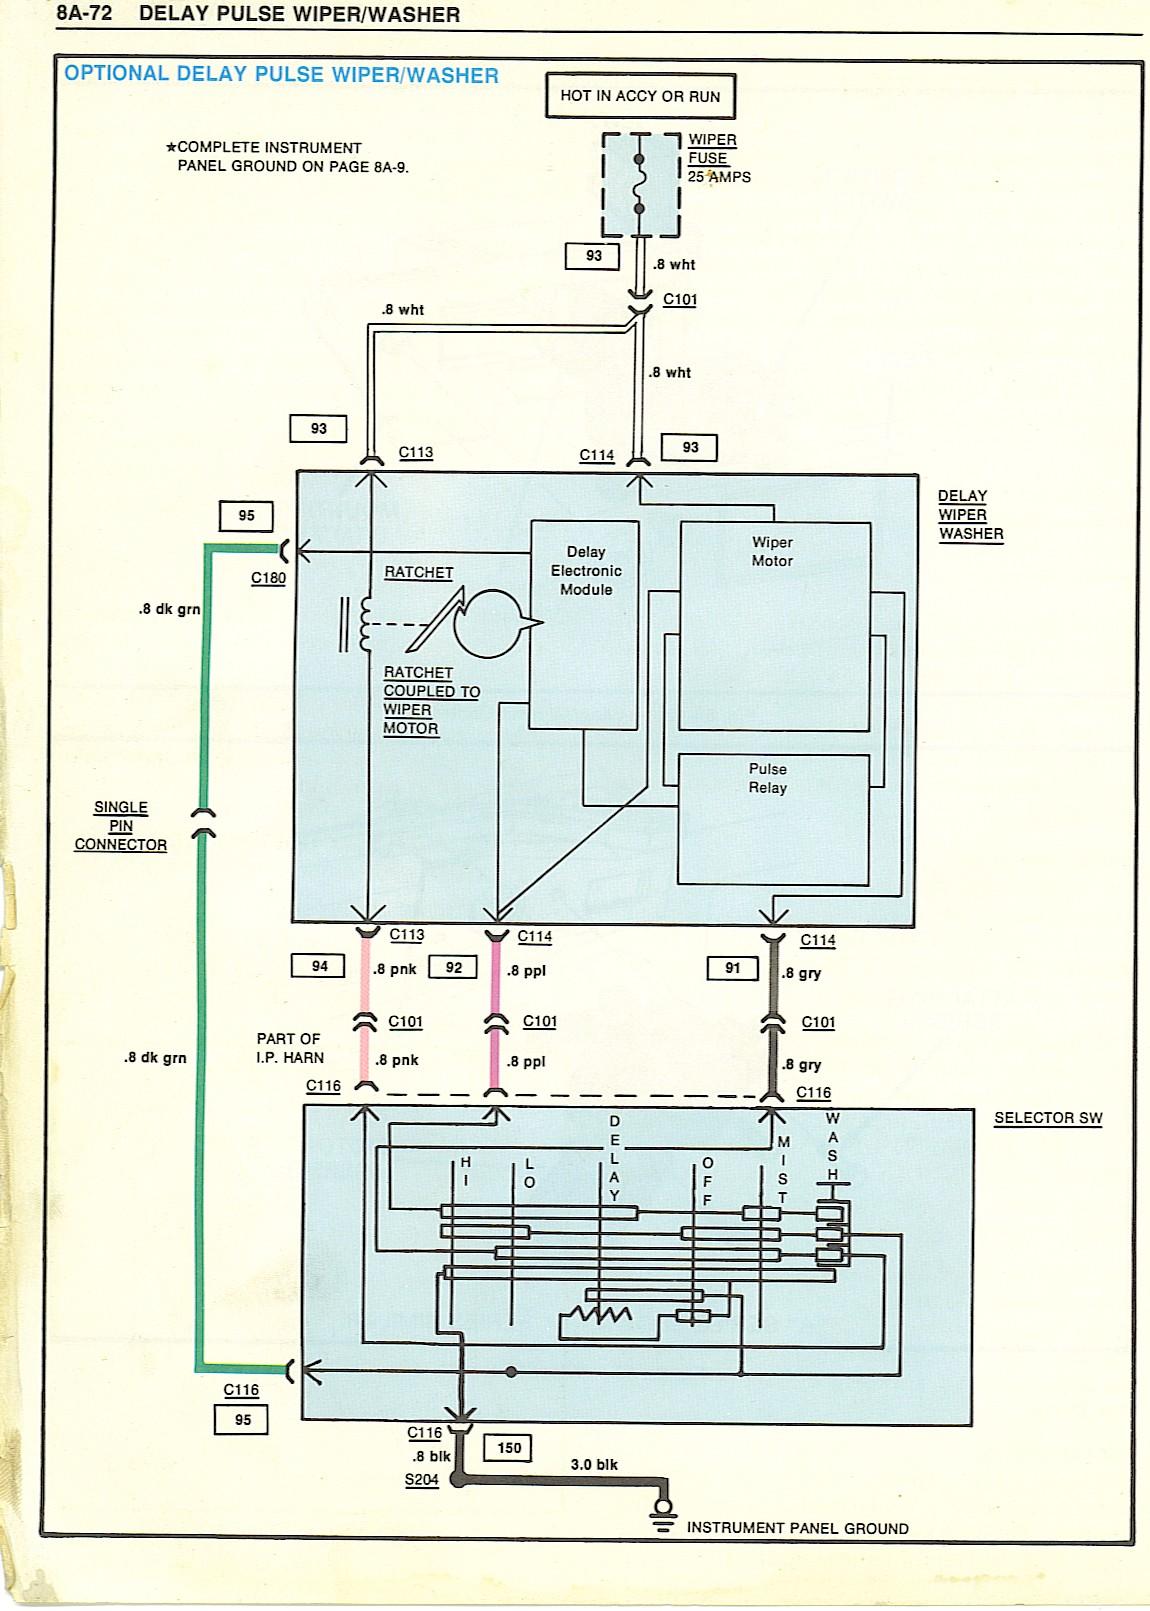 Wiring Sterling 2002 Diagram K367630 - Free Download Wiring Diagram